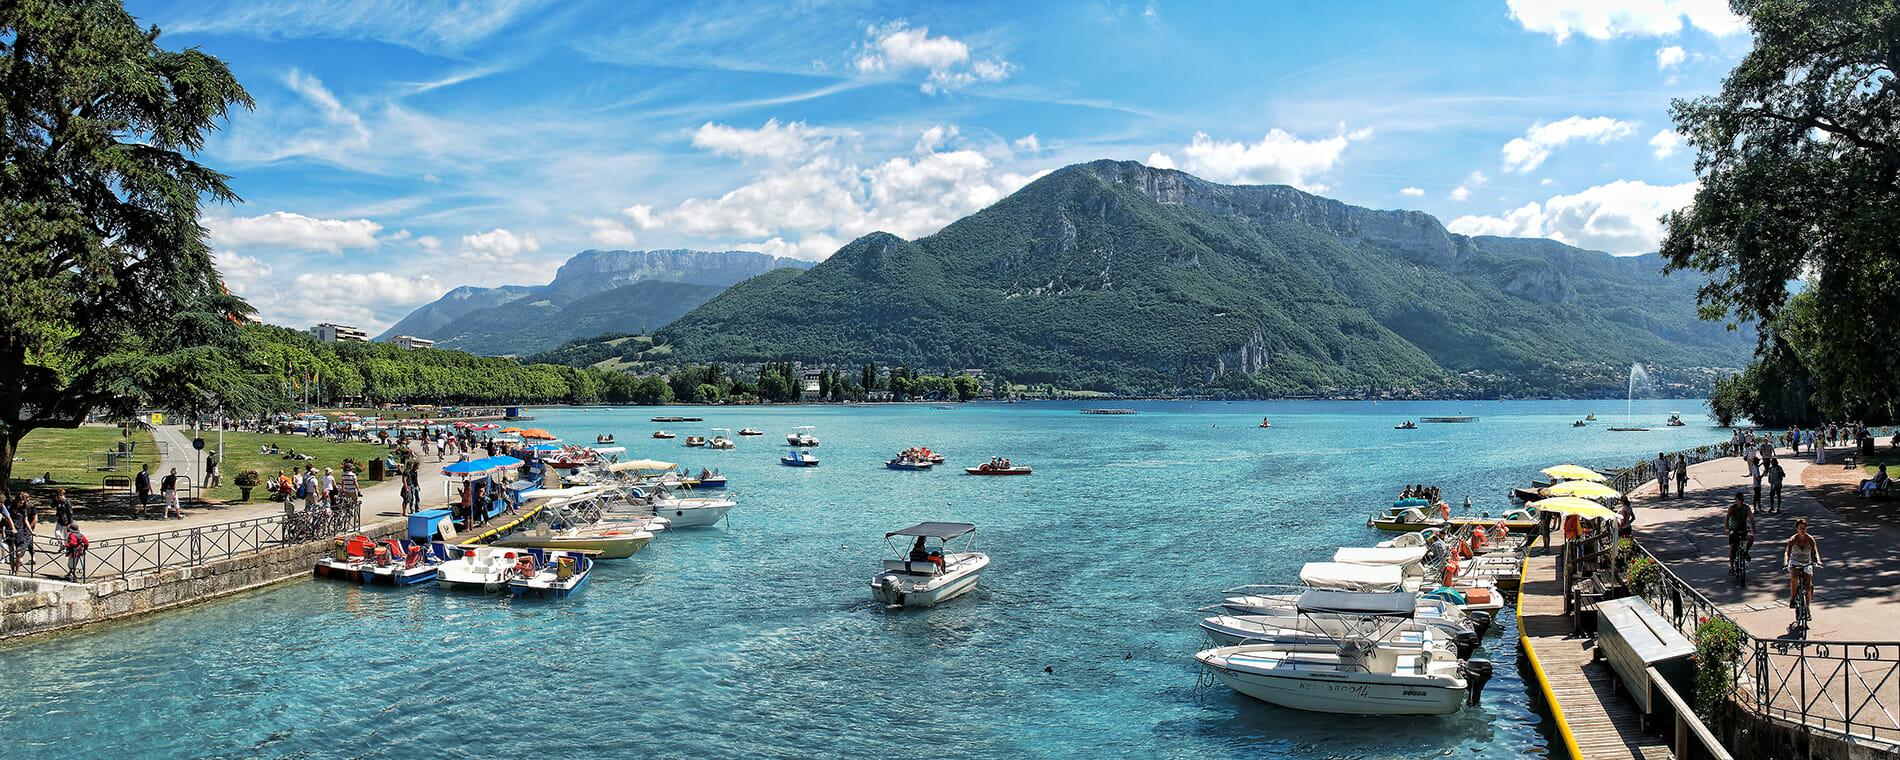 Plaisance sur le lac d'Annecy en bateau